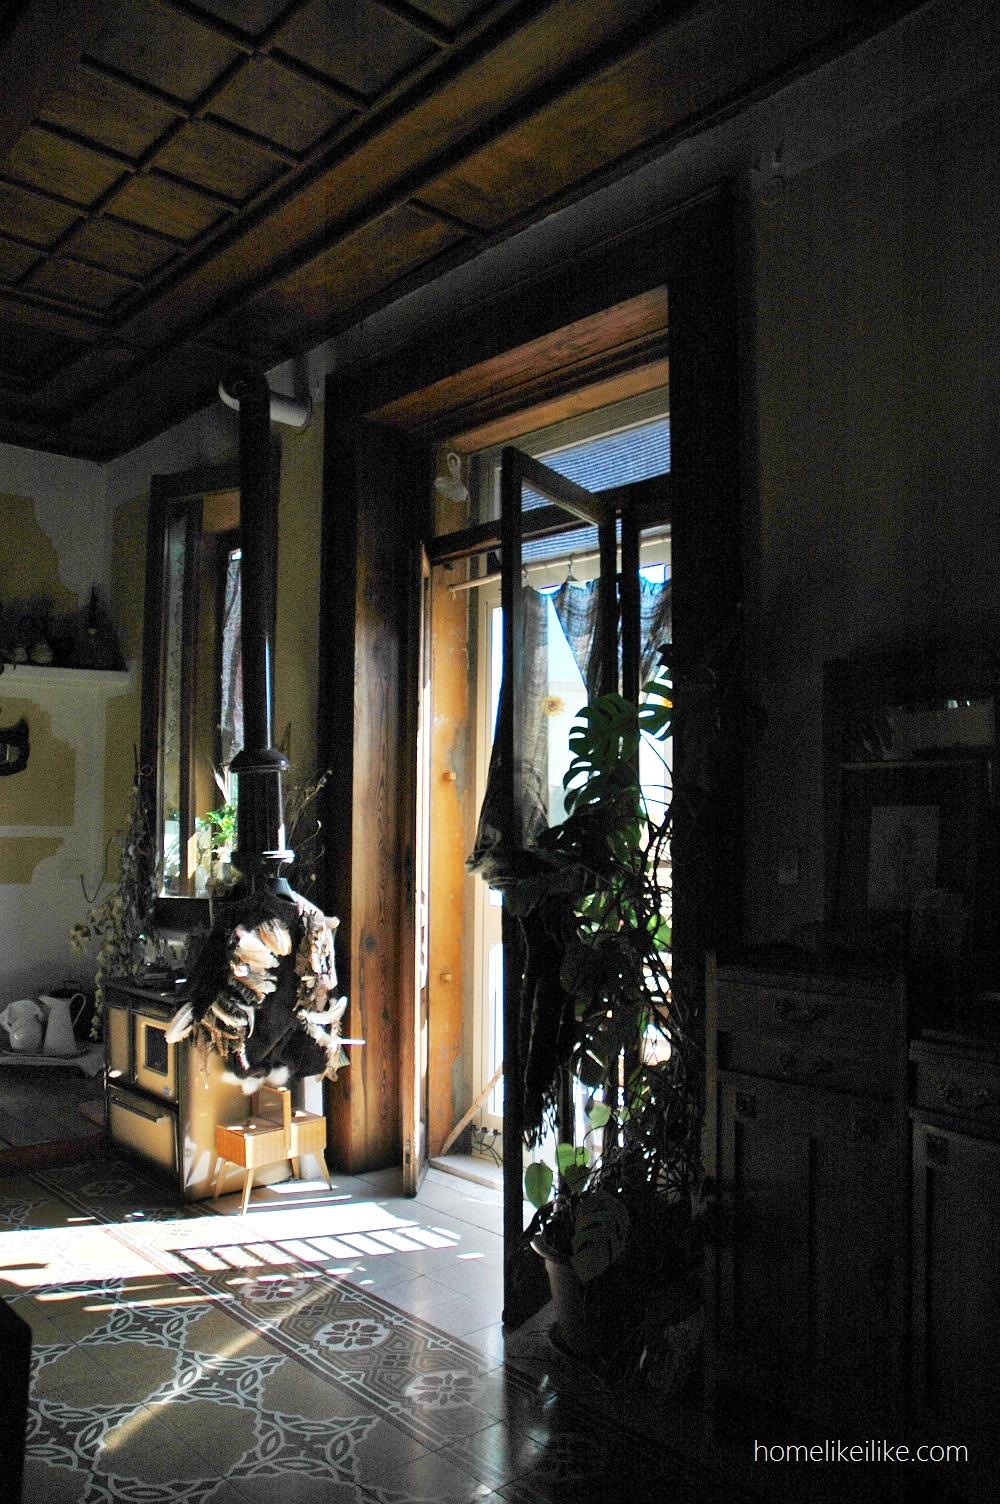 Sardinian house - homelikeilike.com